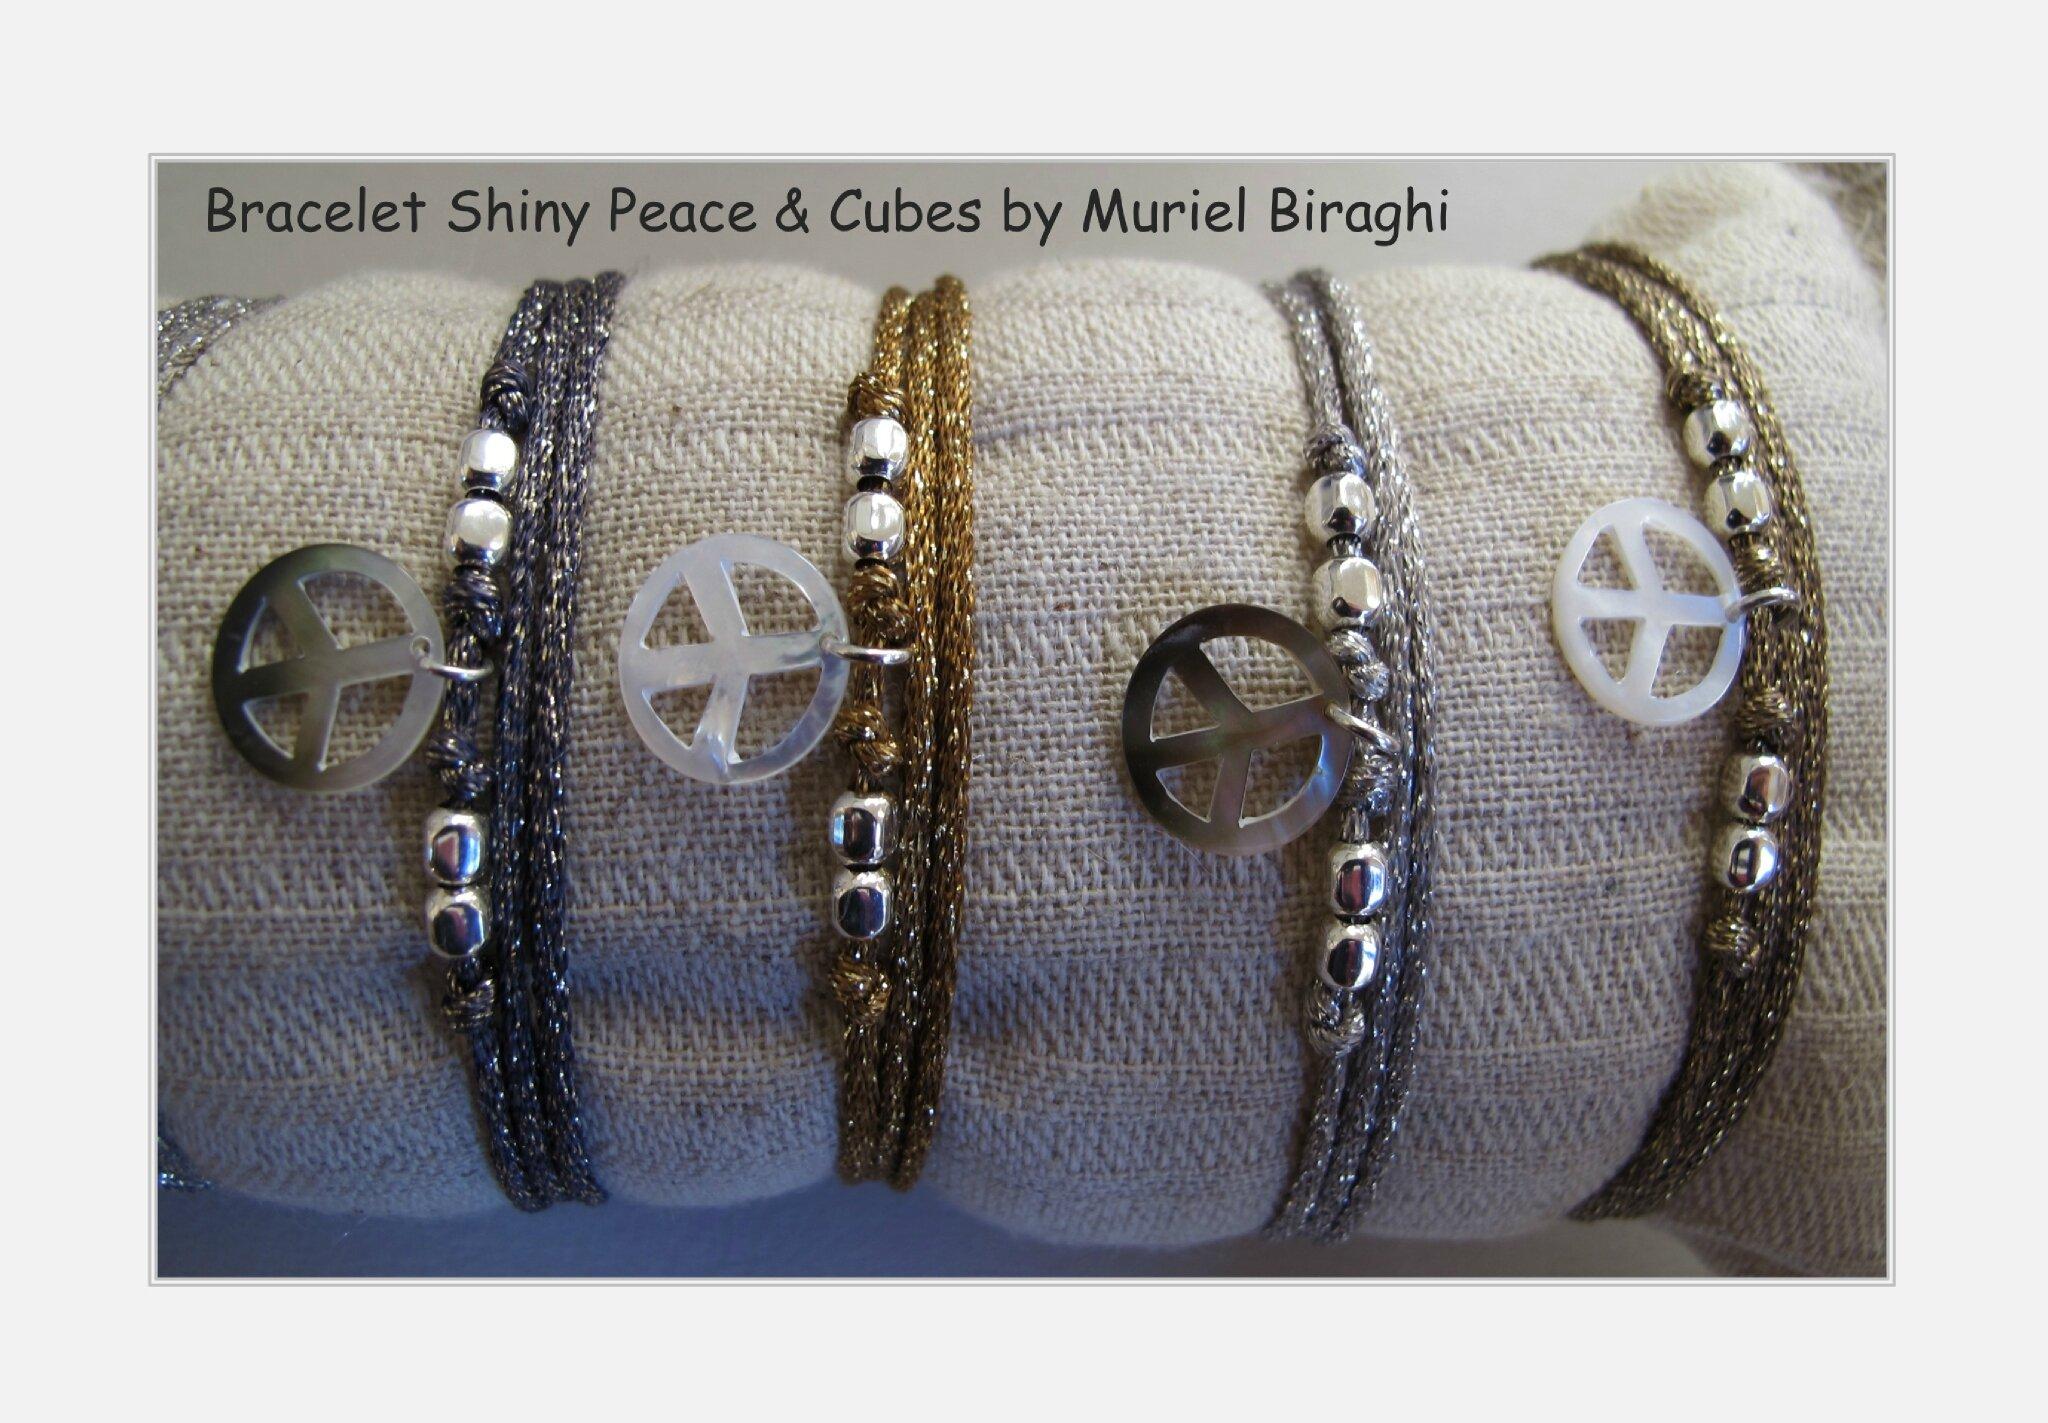 Bracelet/Collier Shiny Peace & Cubes